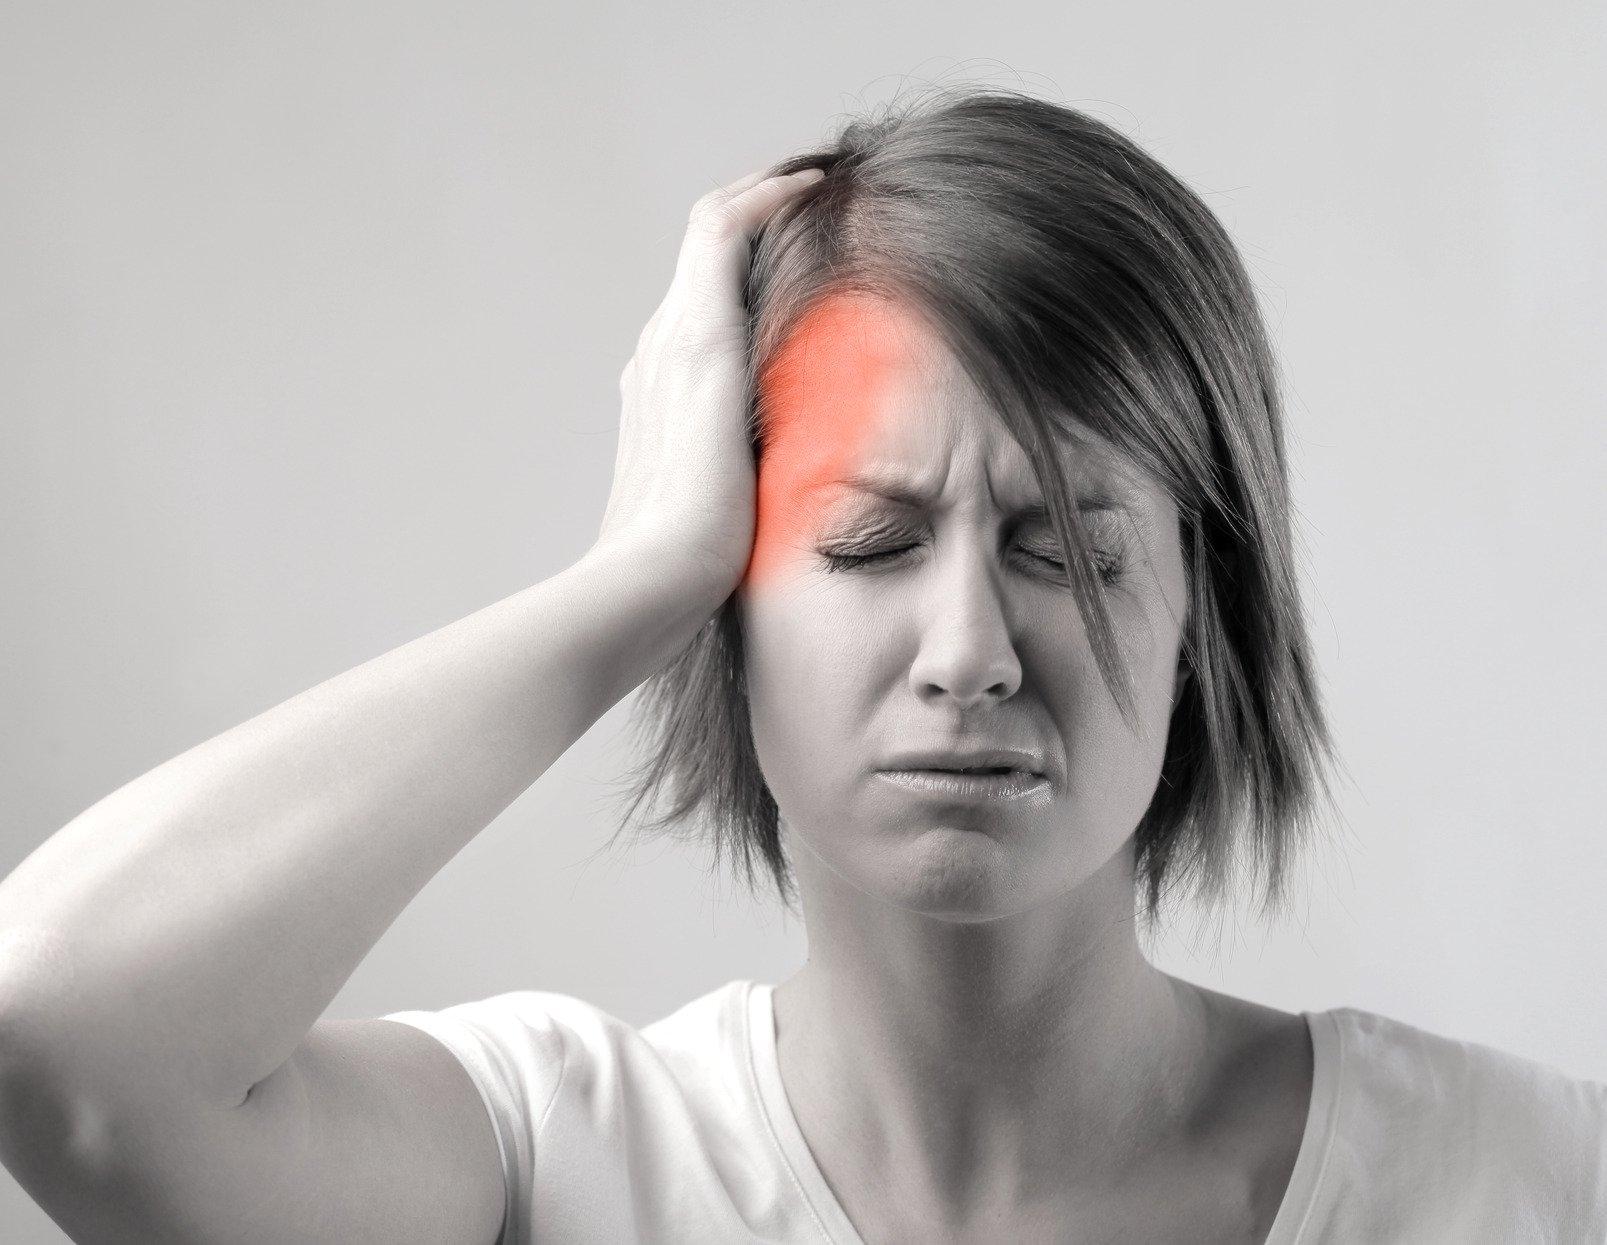 صور علاج الصداع النصفي , الدواء الامثل لعلاج الصداع النصفي